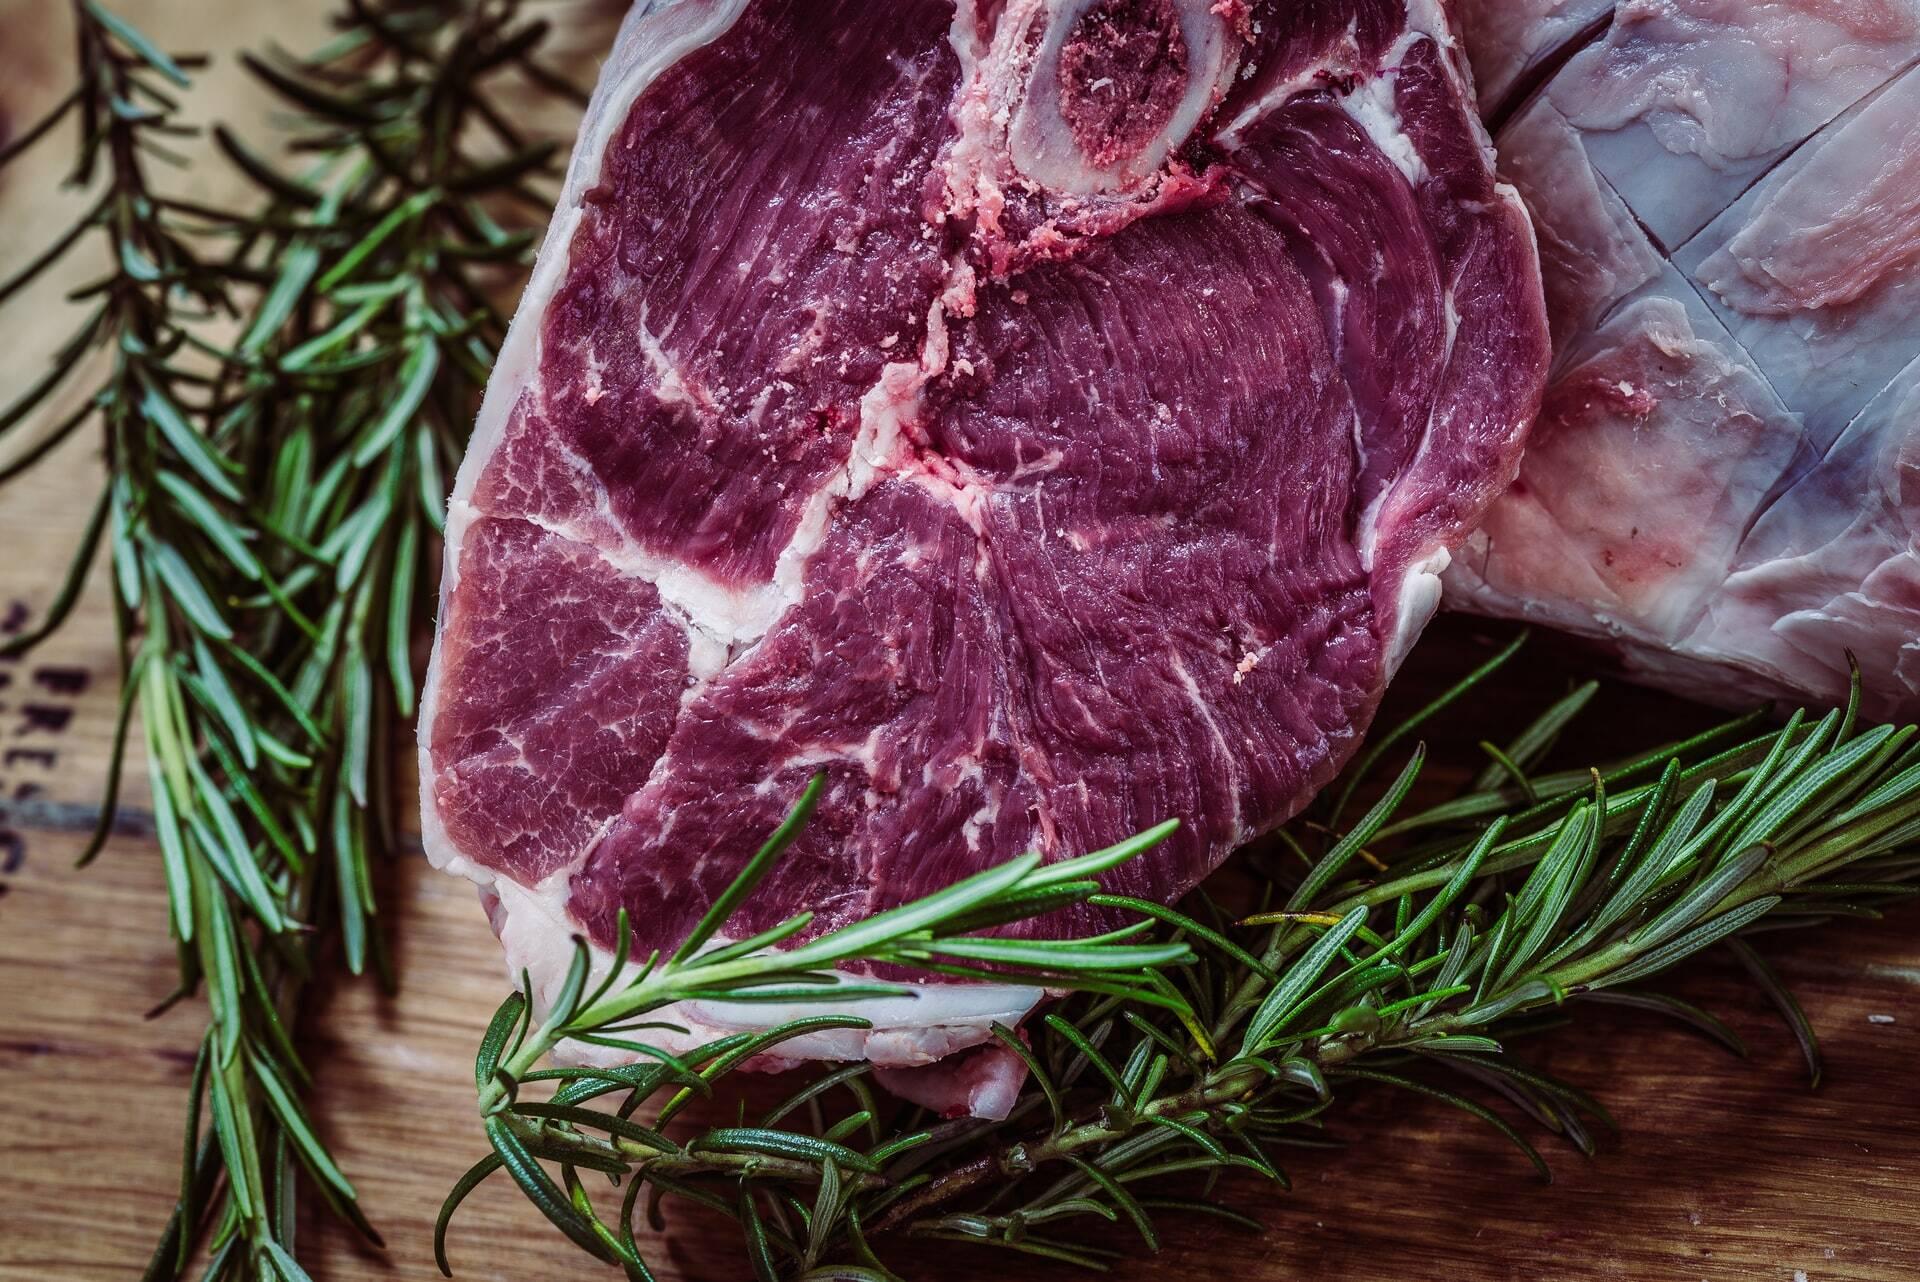 Pensa em inserir carne crua na dieta do seu cão? Reflita melhor